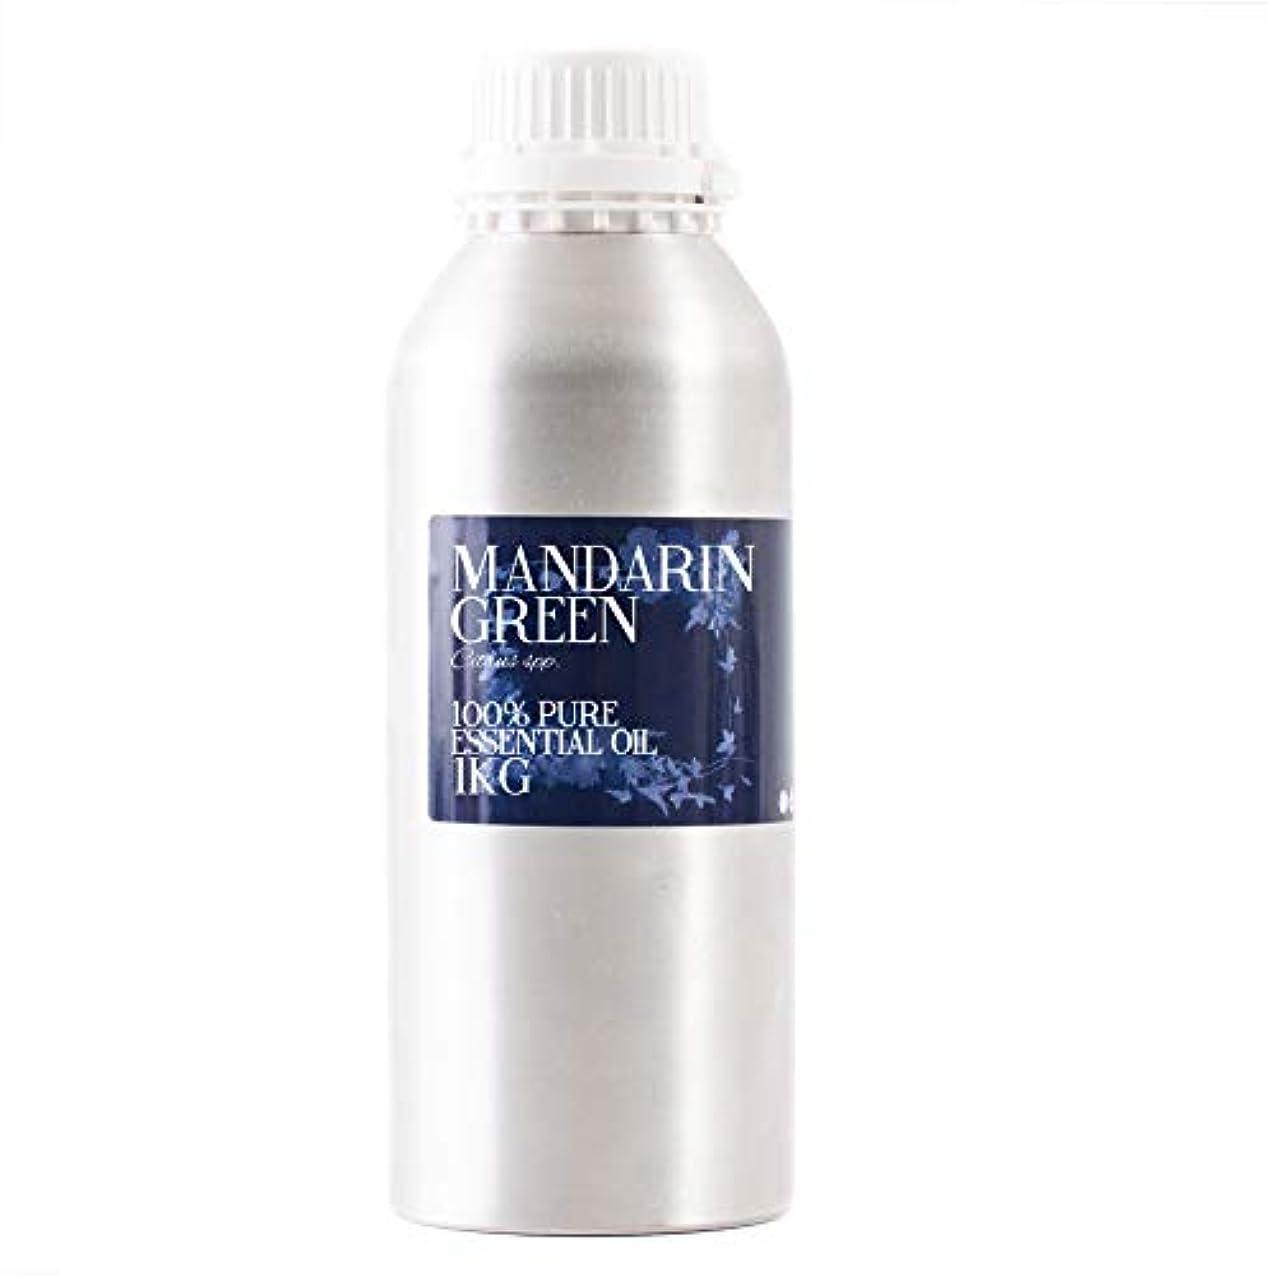 赤ちゃんトイレジャーナリストMystic Moments | Mandarin Green Essential Oil - 1Kg - 100% Pure